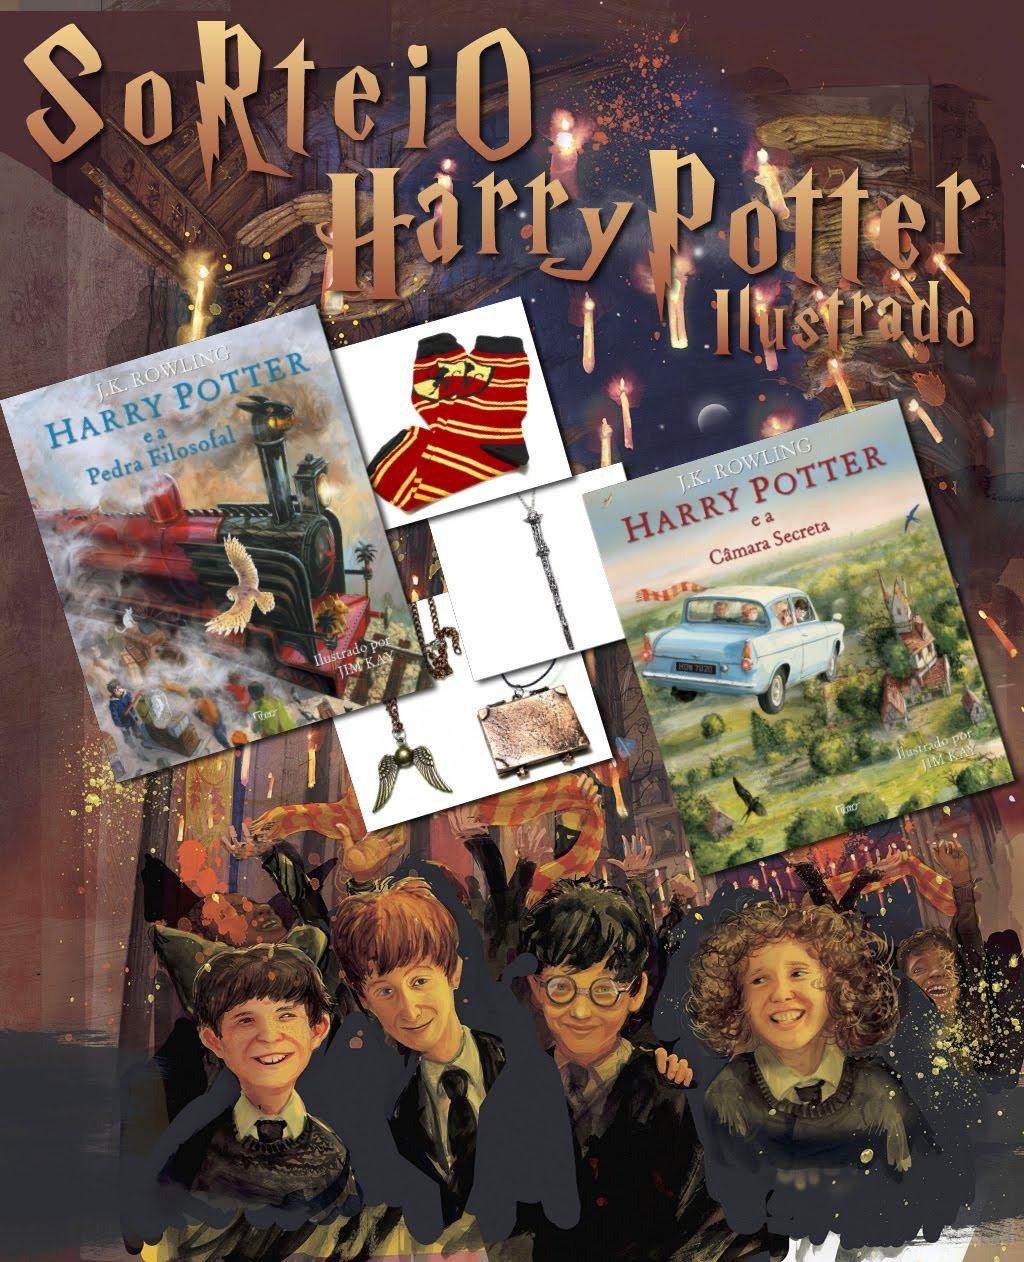 Sorteio Harry Potter!